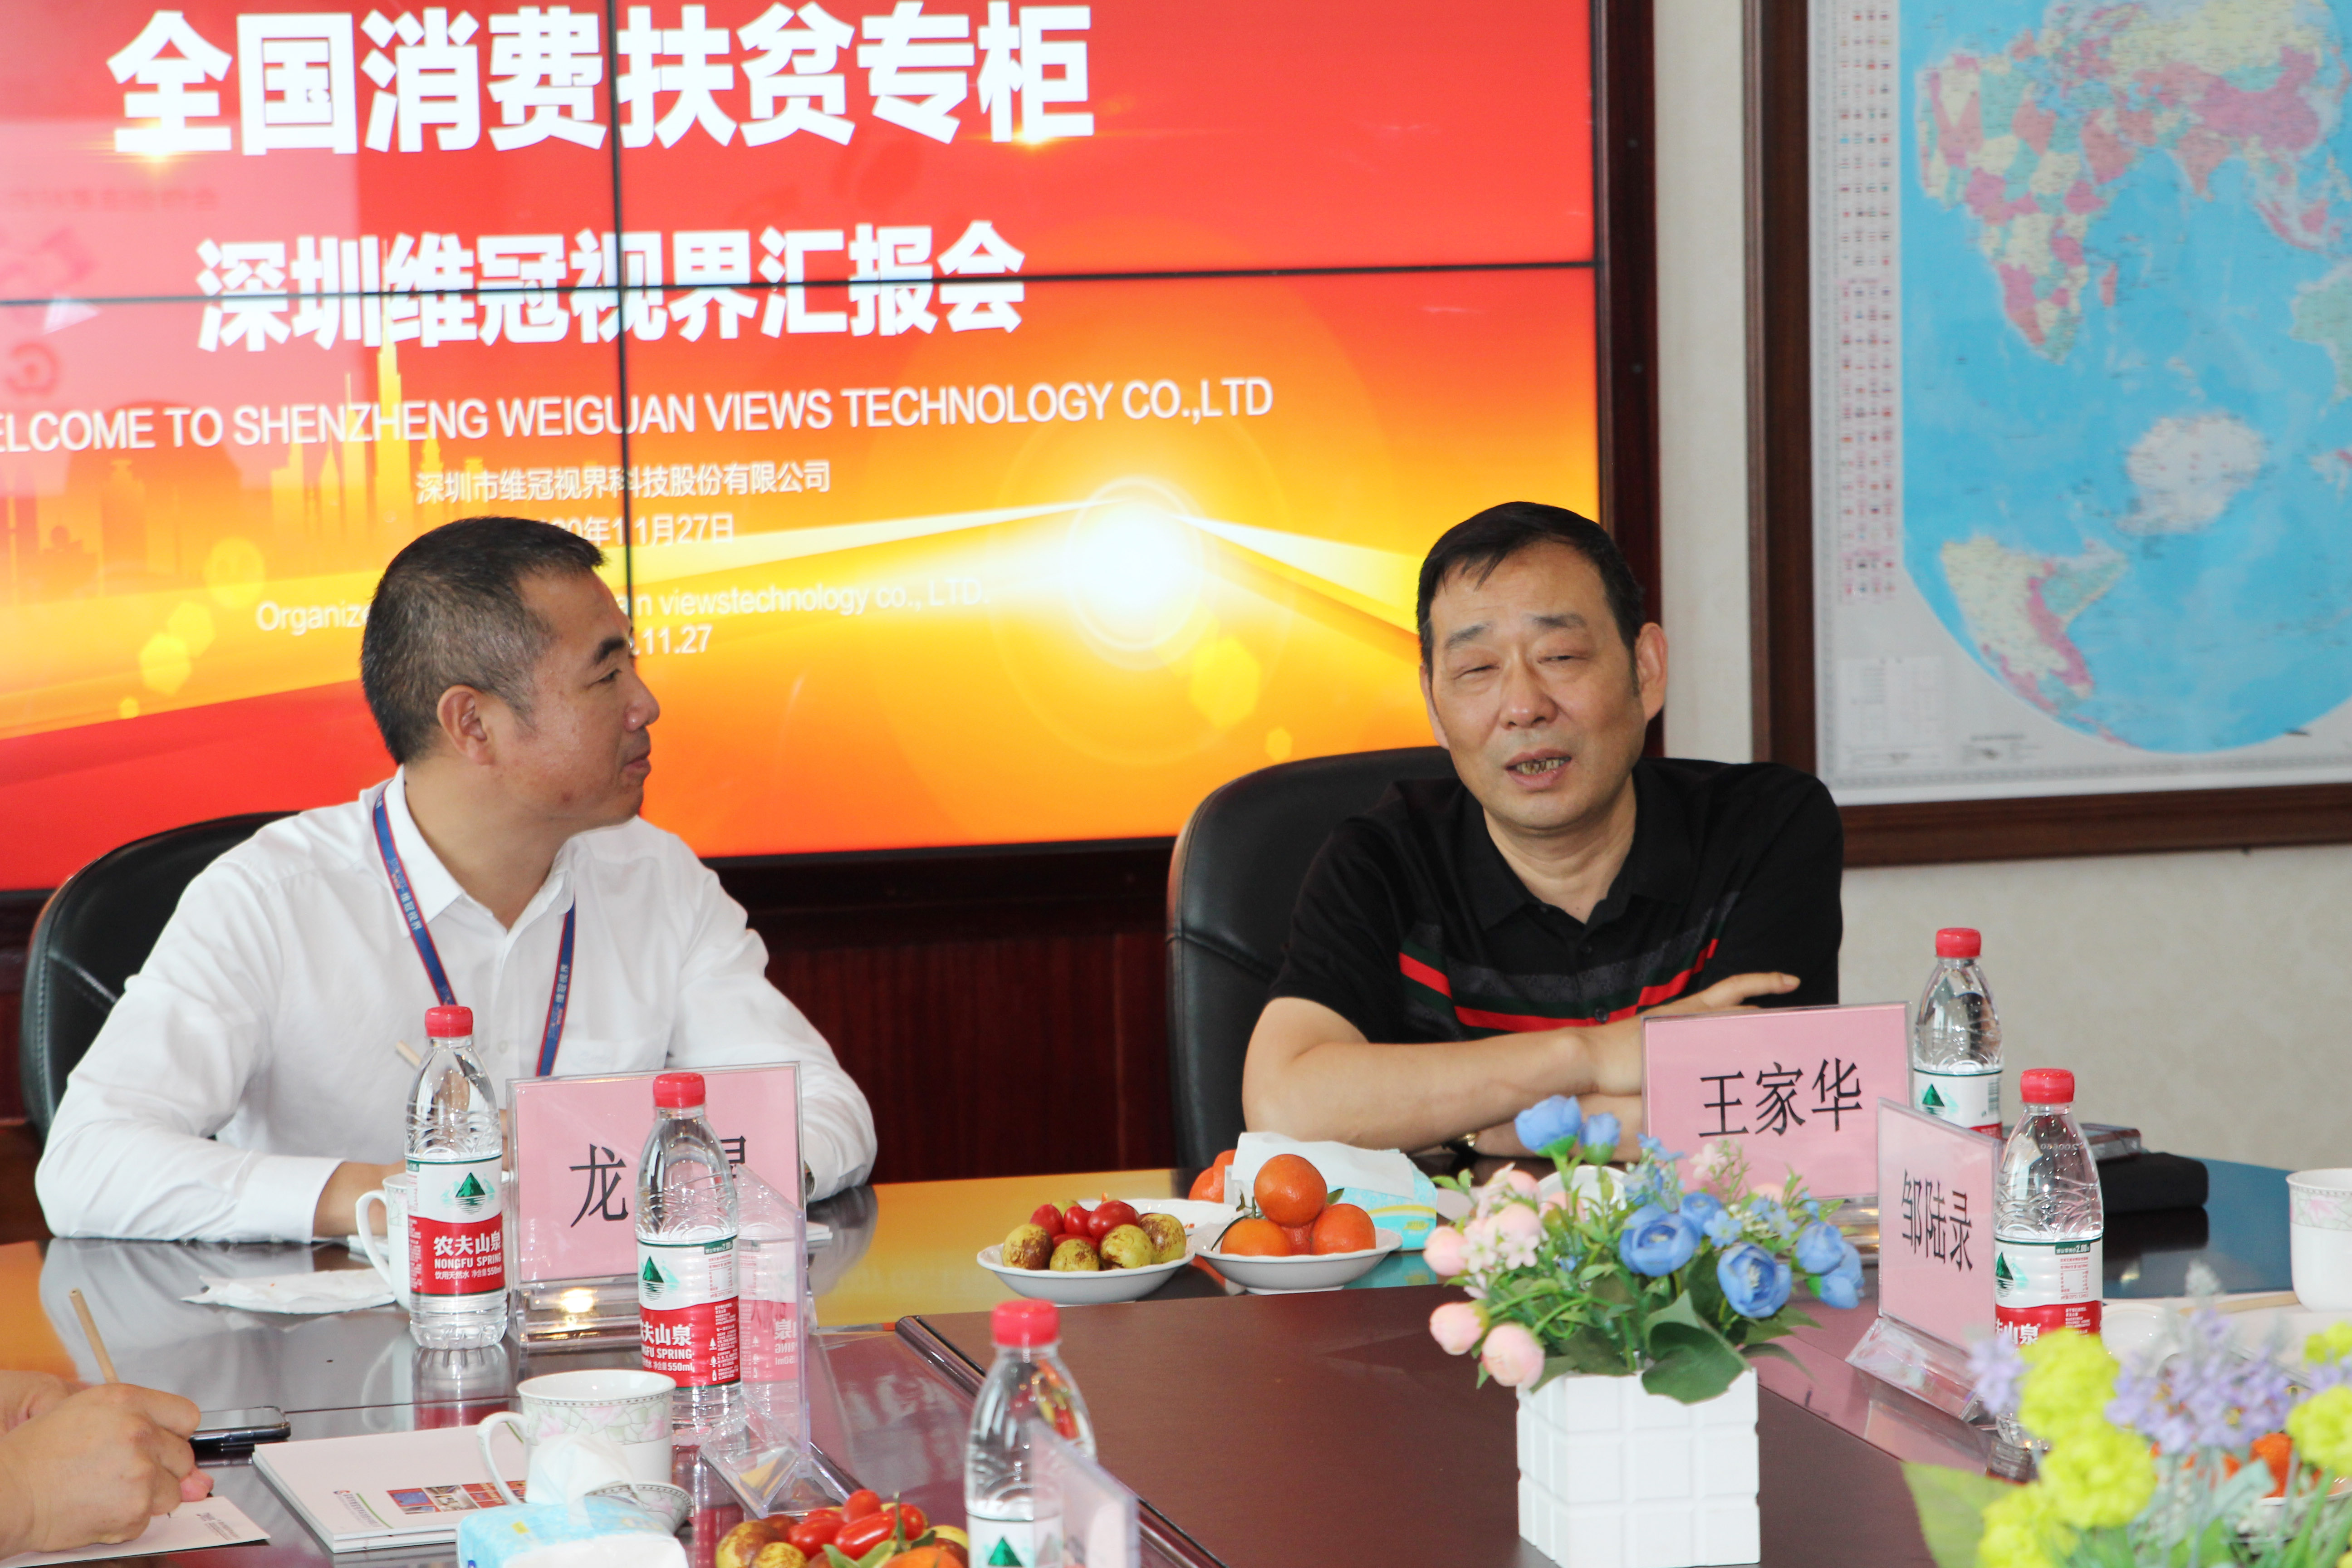 中国扶贫志愿促进会副会长王家华一行前往消费扶贫专柜企业定点调研